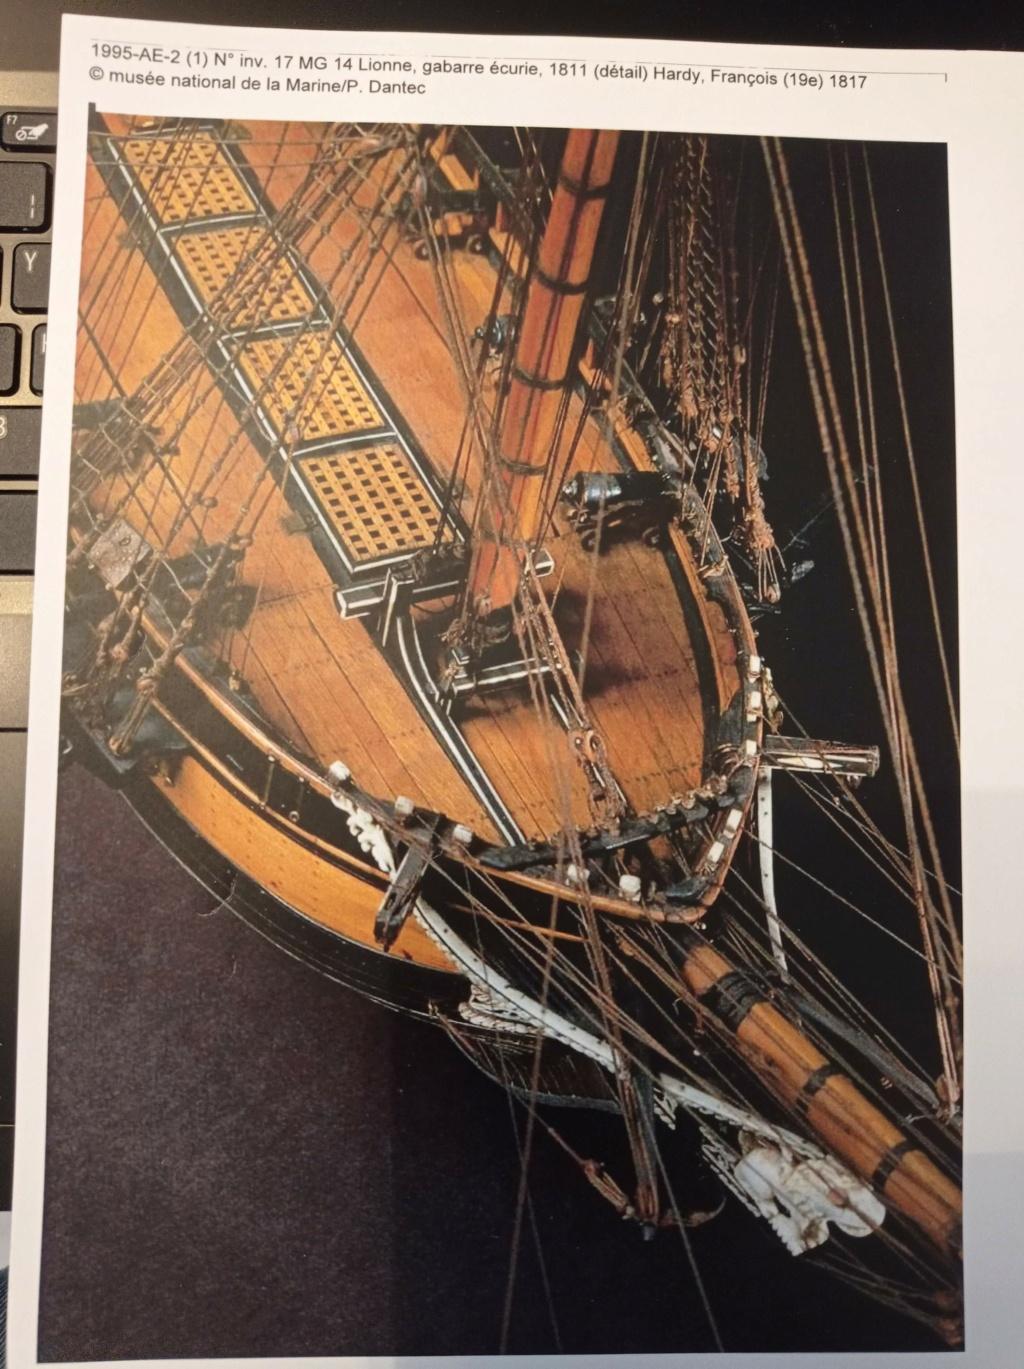 L'Astrolabe 1812 (base Mantua & plan AAMM 1/50°) par kerezou - Page 12 Img_2066